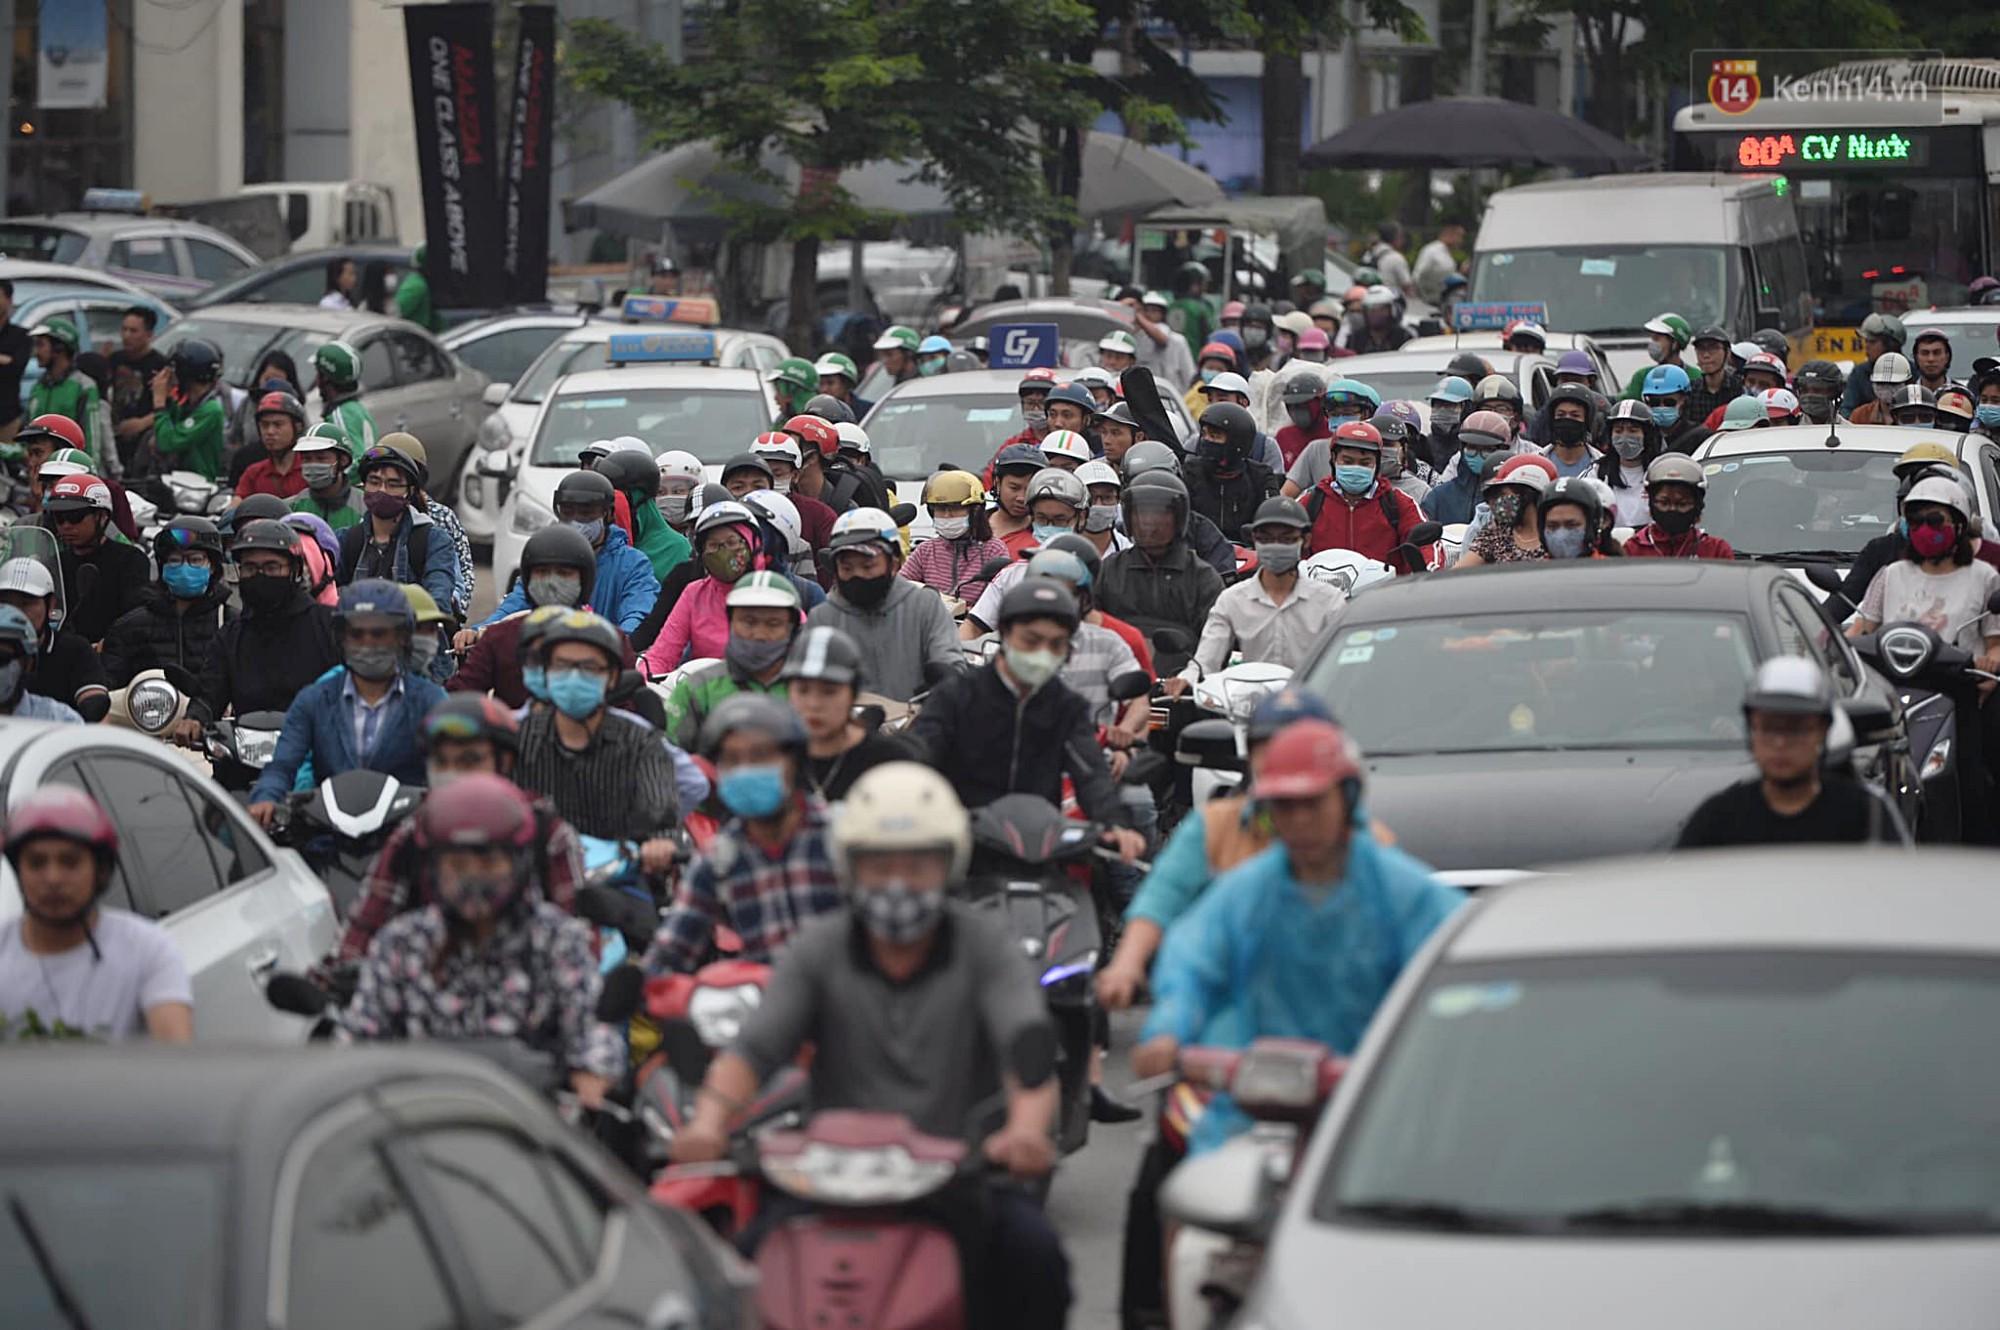 Vành đai 3 ùn tắc dài hàng km, cửa ngõ phía nam Thủ đô chật kín ngày cuối cùng kỳ nghỉ lễ - Ảnh 10.